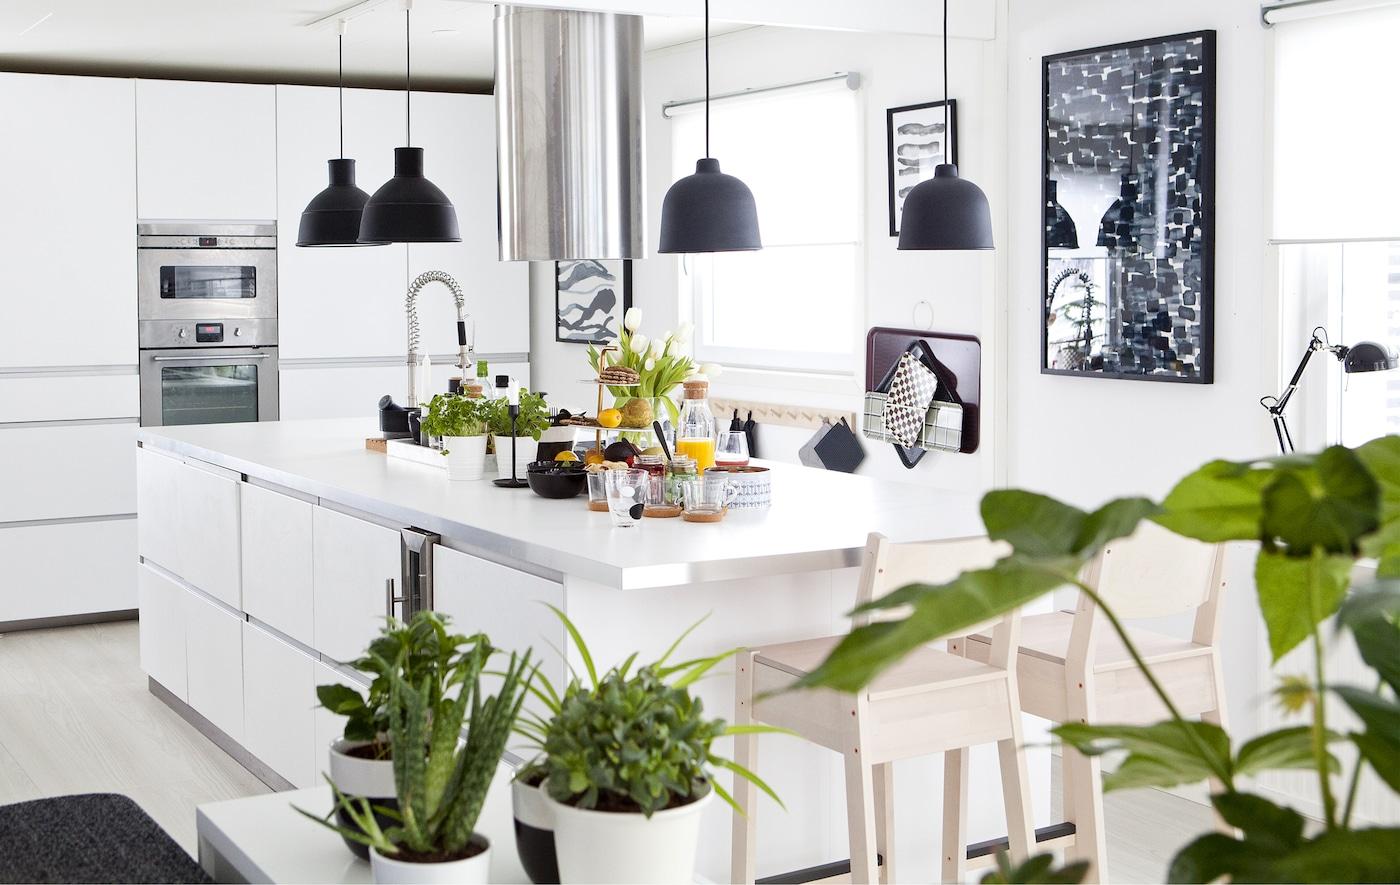 白色厨房内饰有黑色细节,点缀着绿色植物。